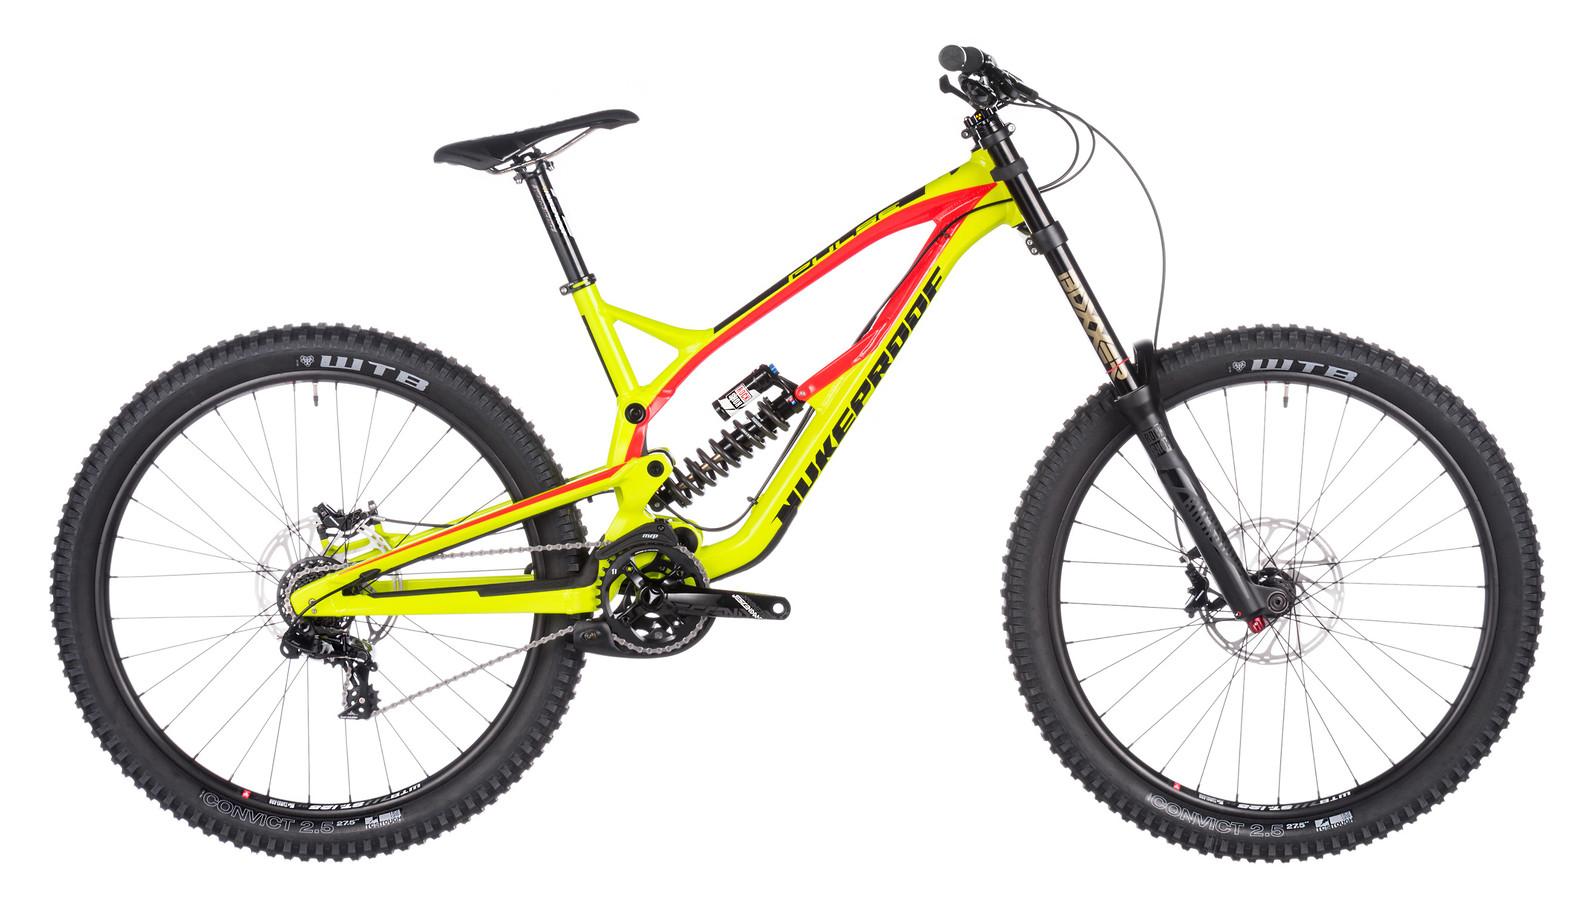 2017 Nukeproof Pulse Comp Bike - Reviews, Comparisons, Specs ...